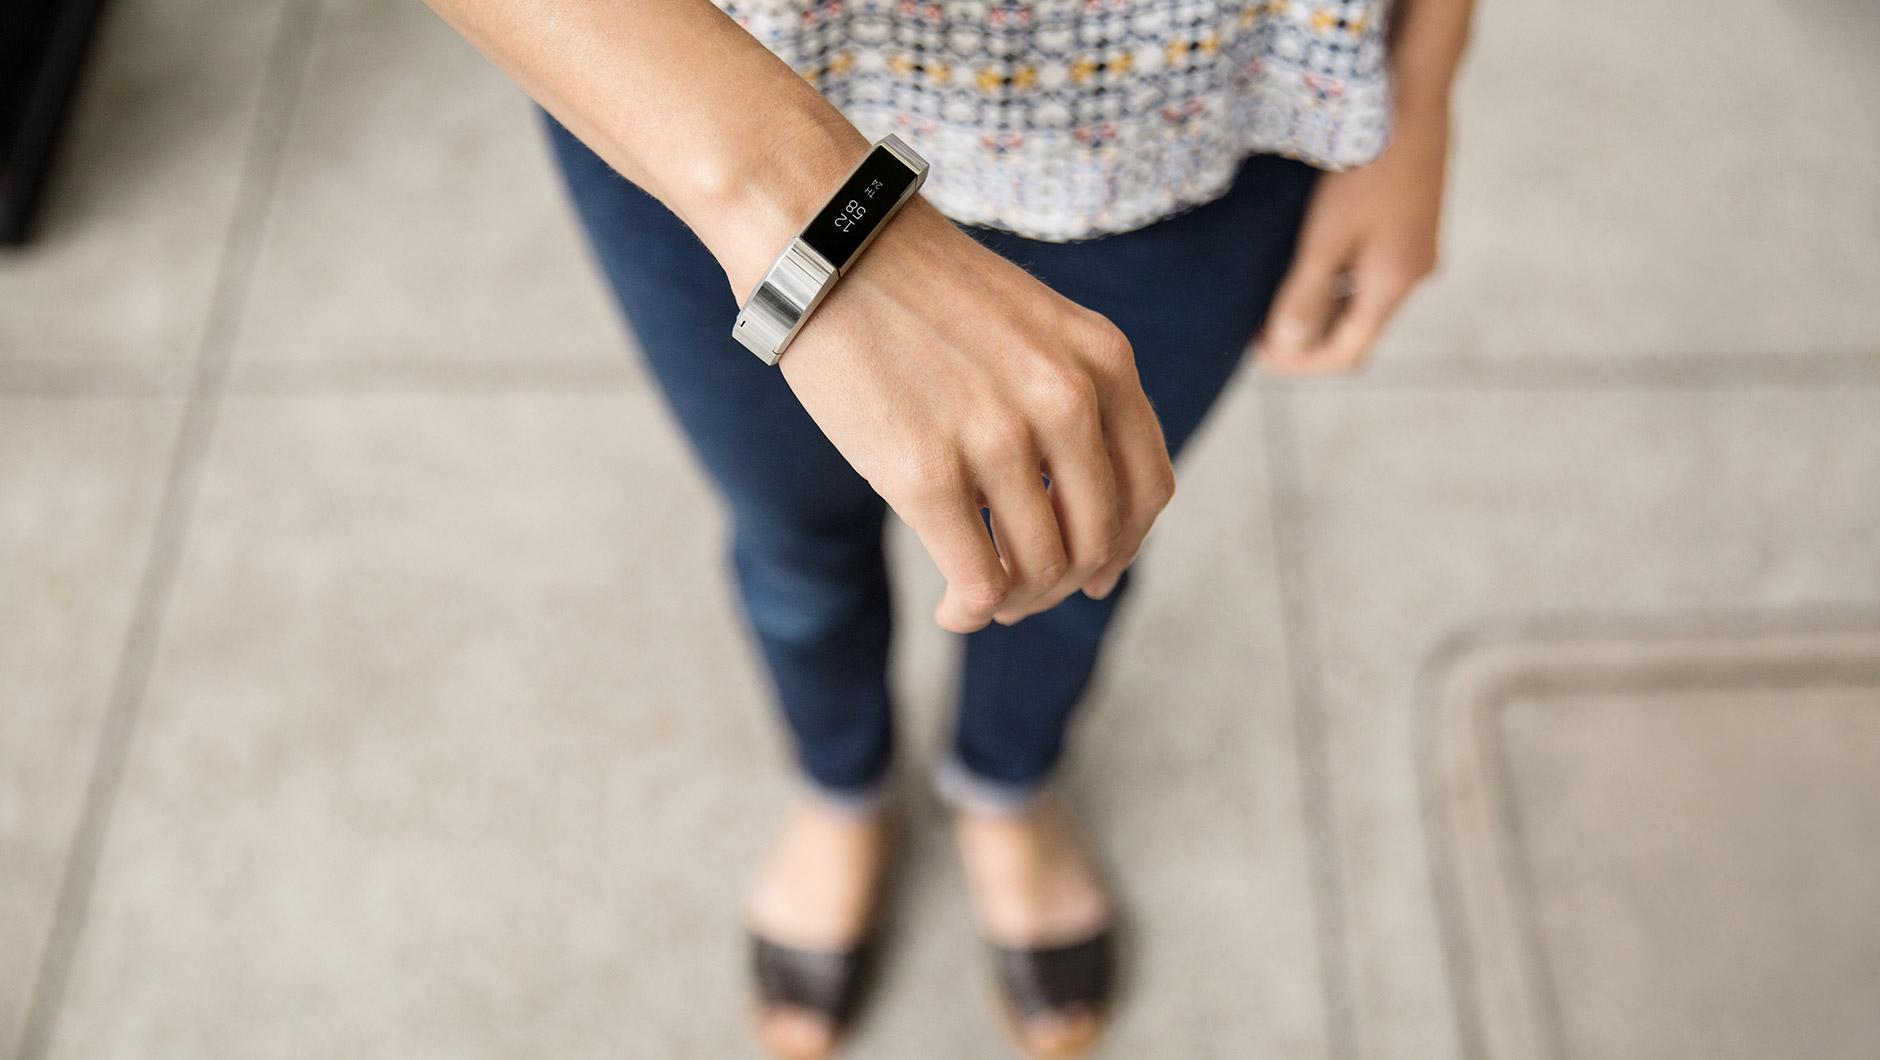 c0b0058fa52cb Shop Fitbit Alta HR Accessories